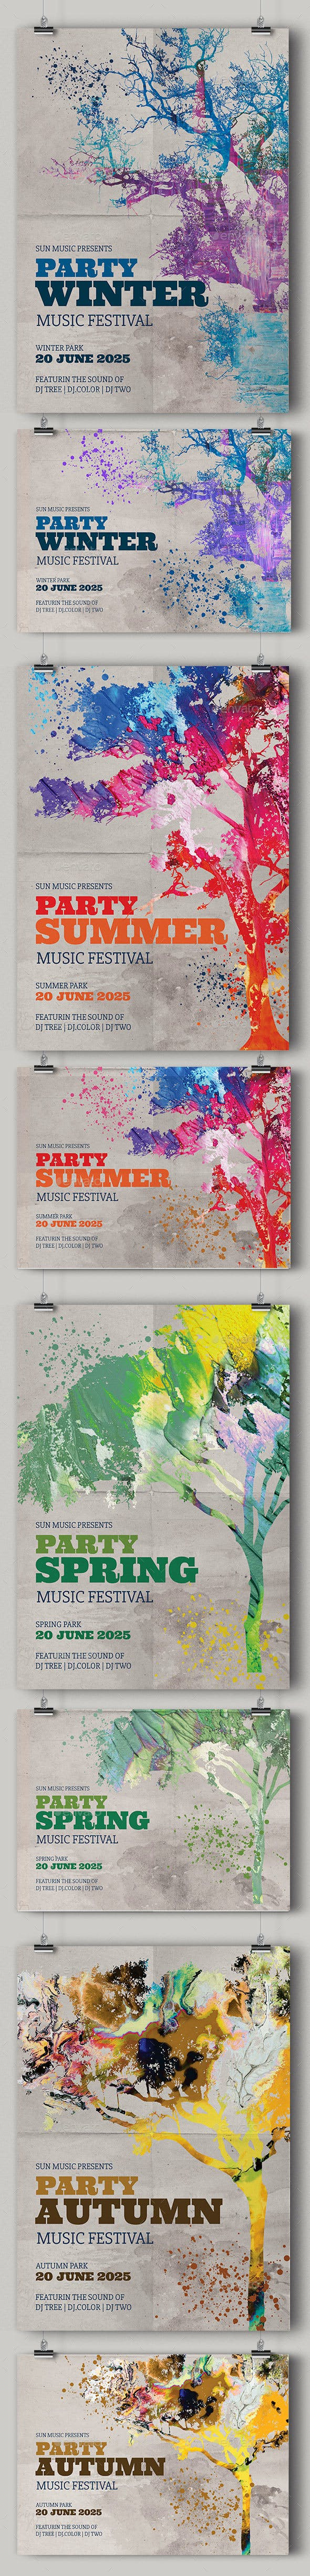 Seasons Party Flyers Kit